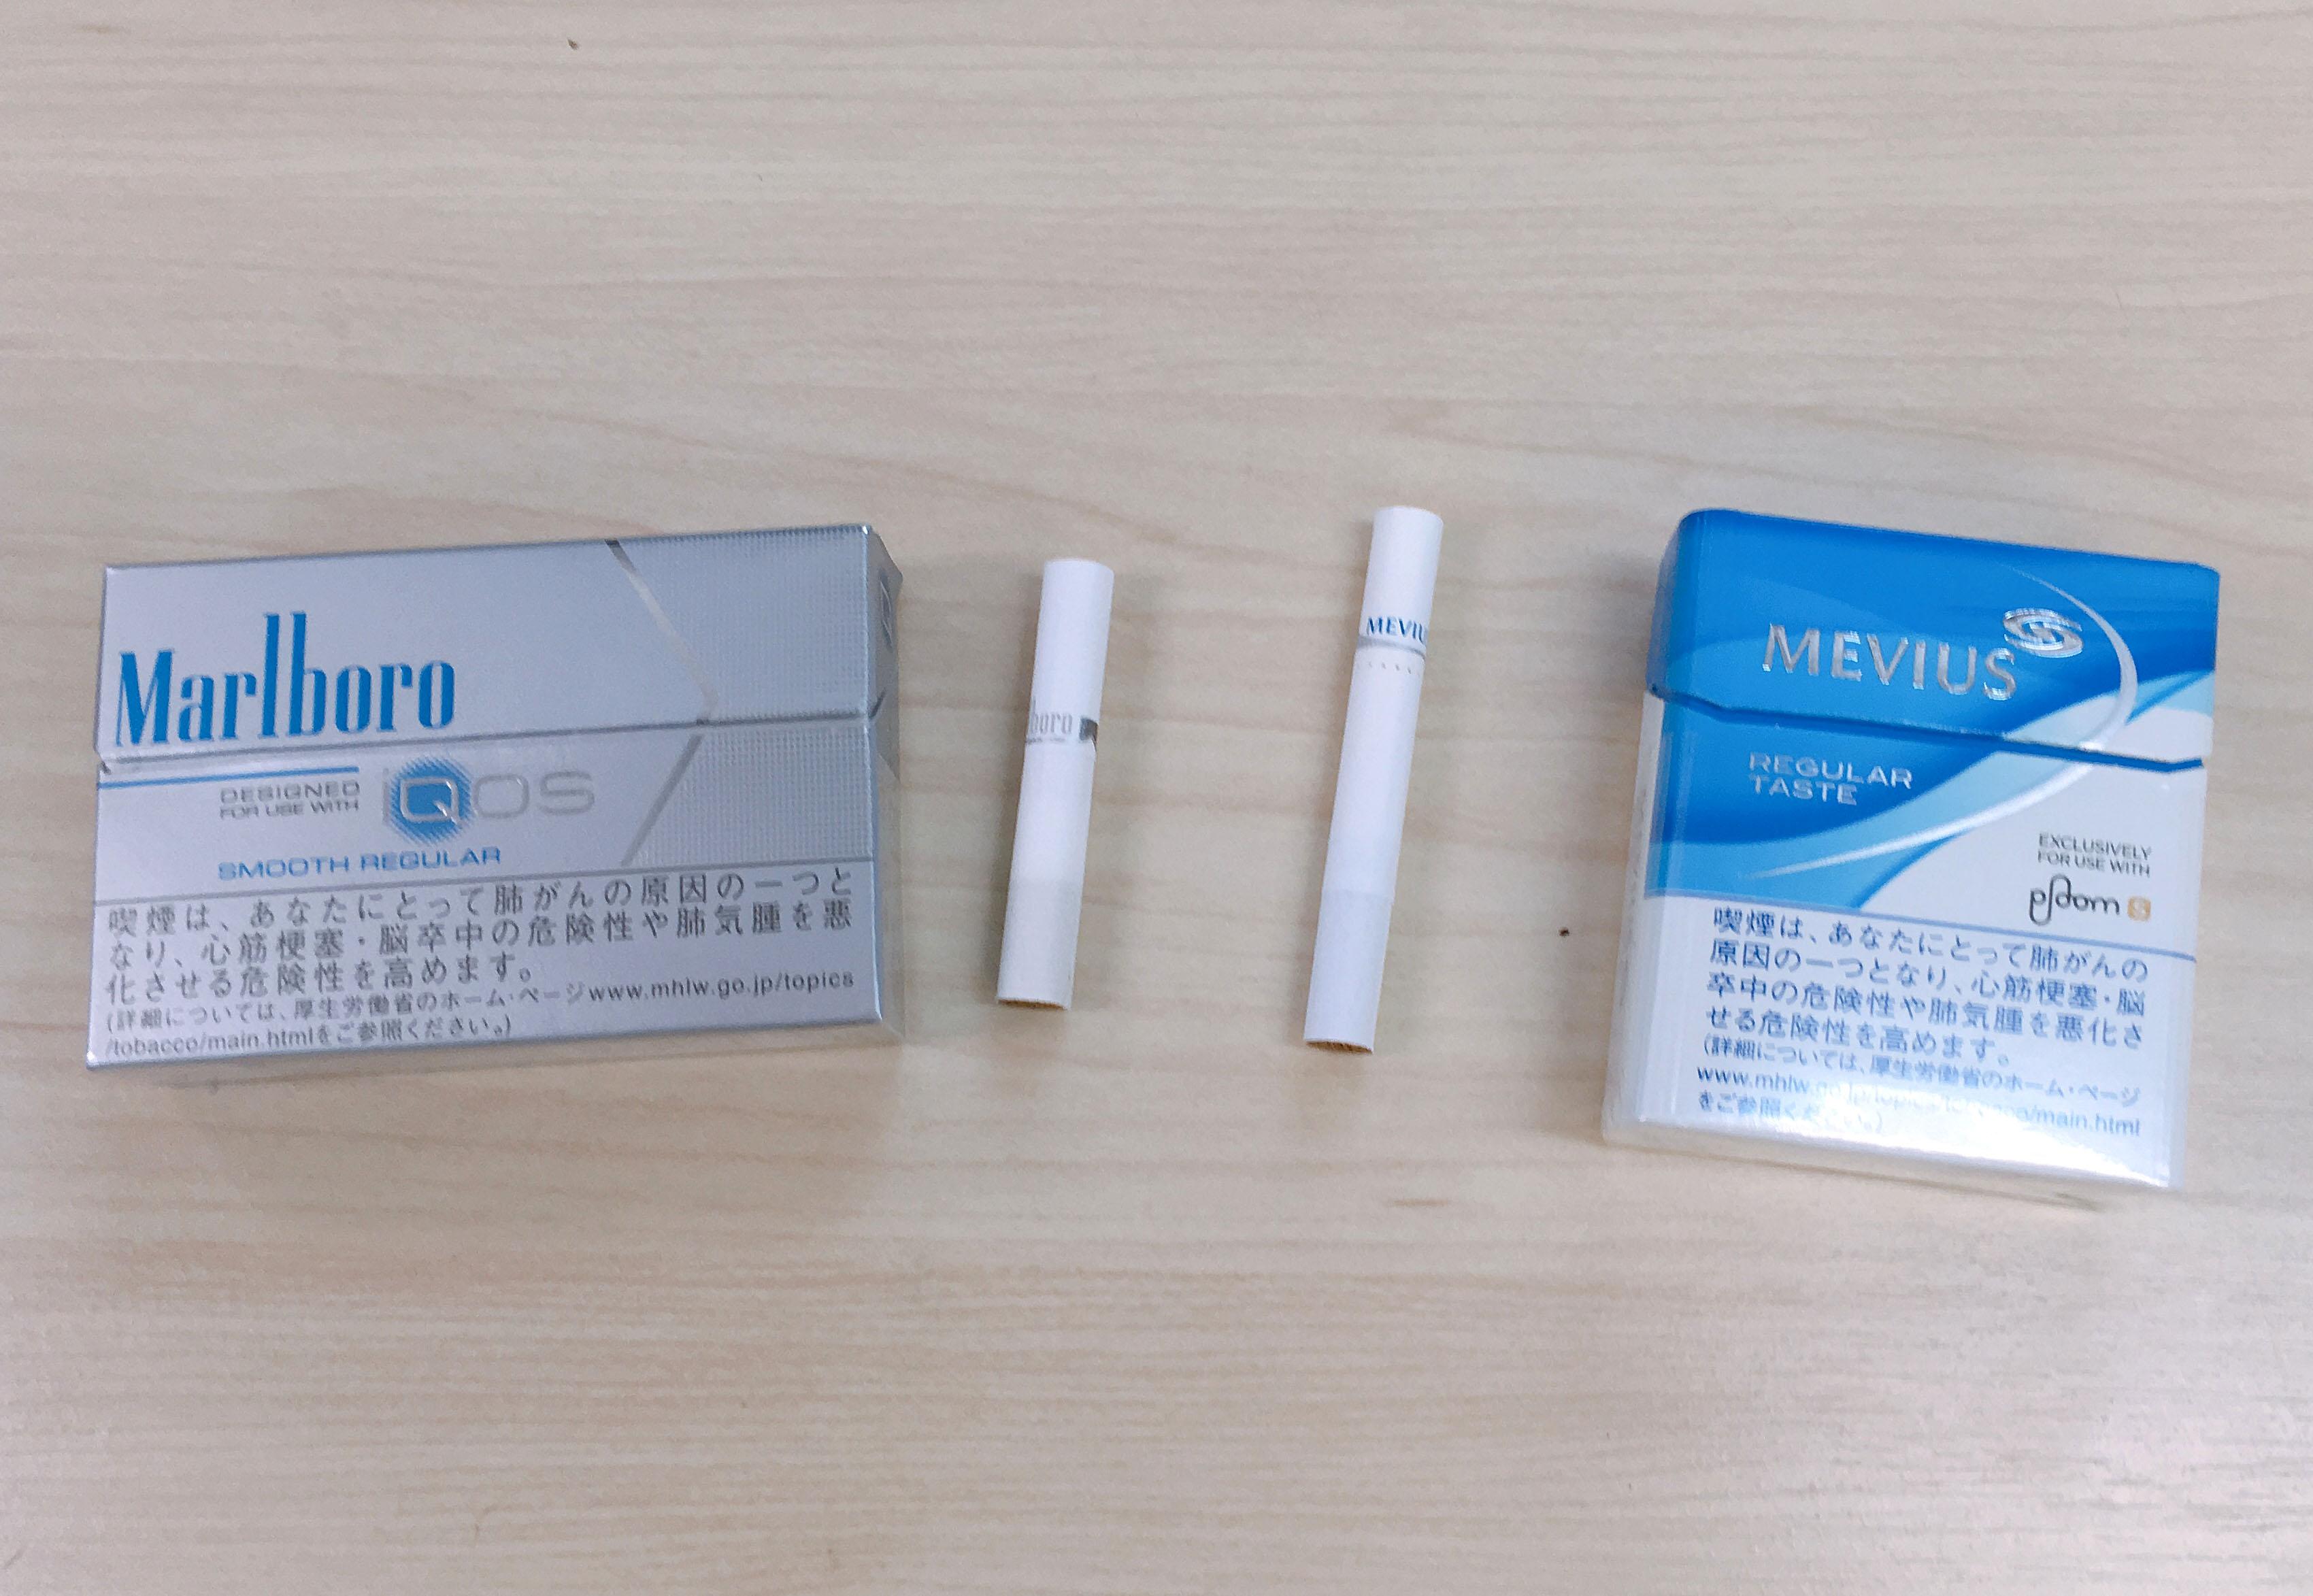 プルーム s タバコ